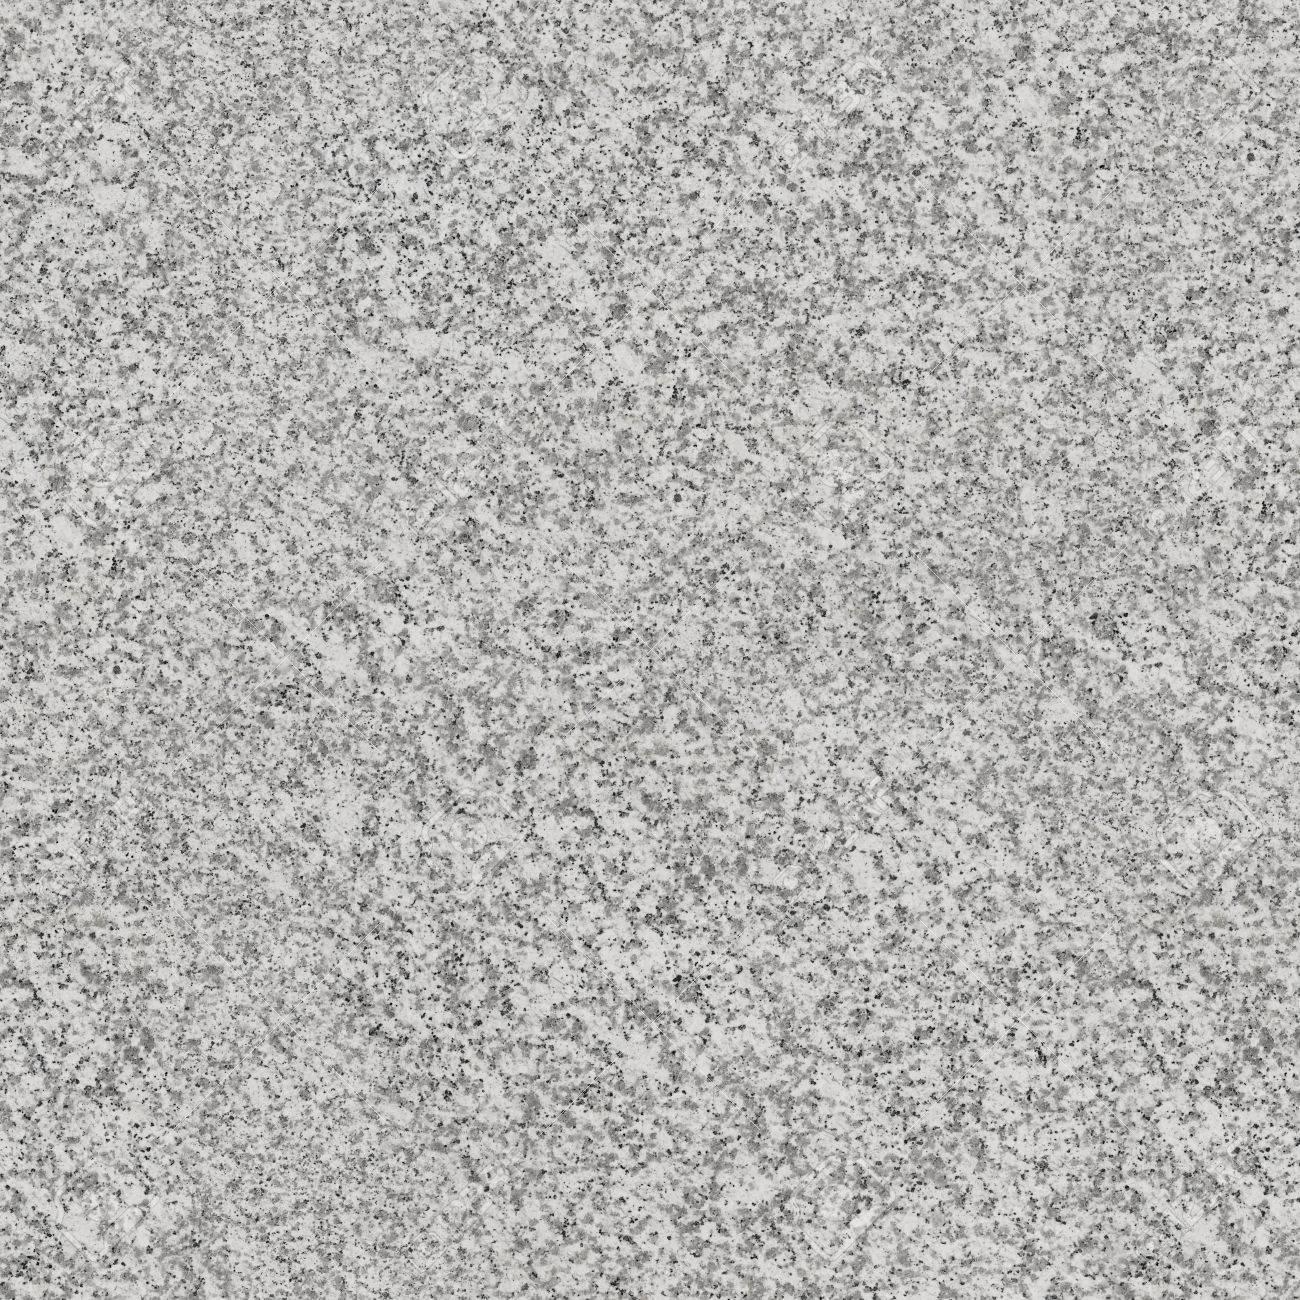 Granit Marmor Textur Hintergrund Hohe Auflosung Lizenzfreie Fotos